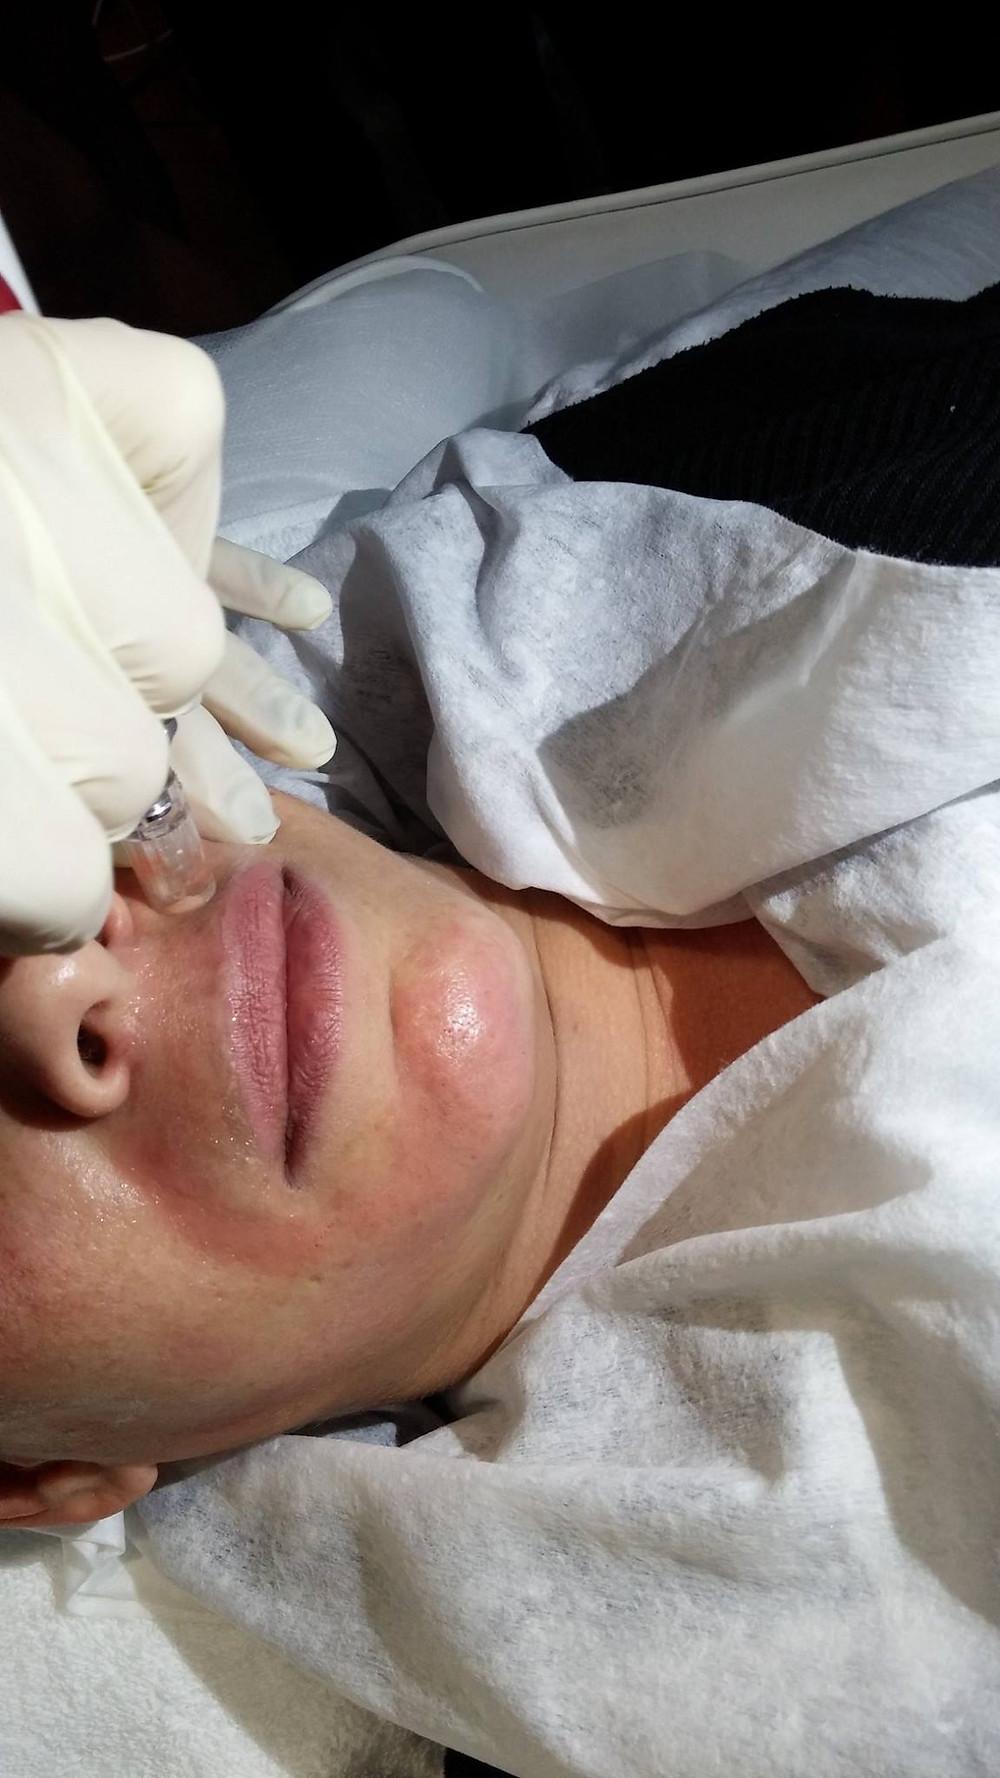 טיפול העלמת קמטים וצלקות מזוטרפיה